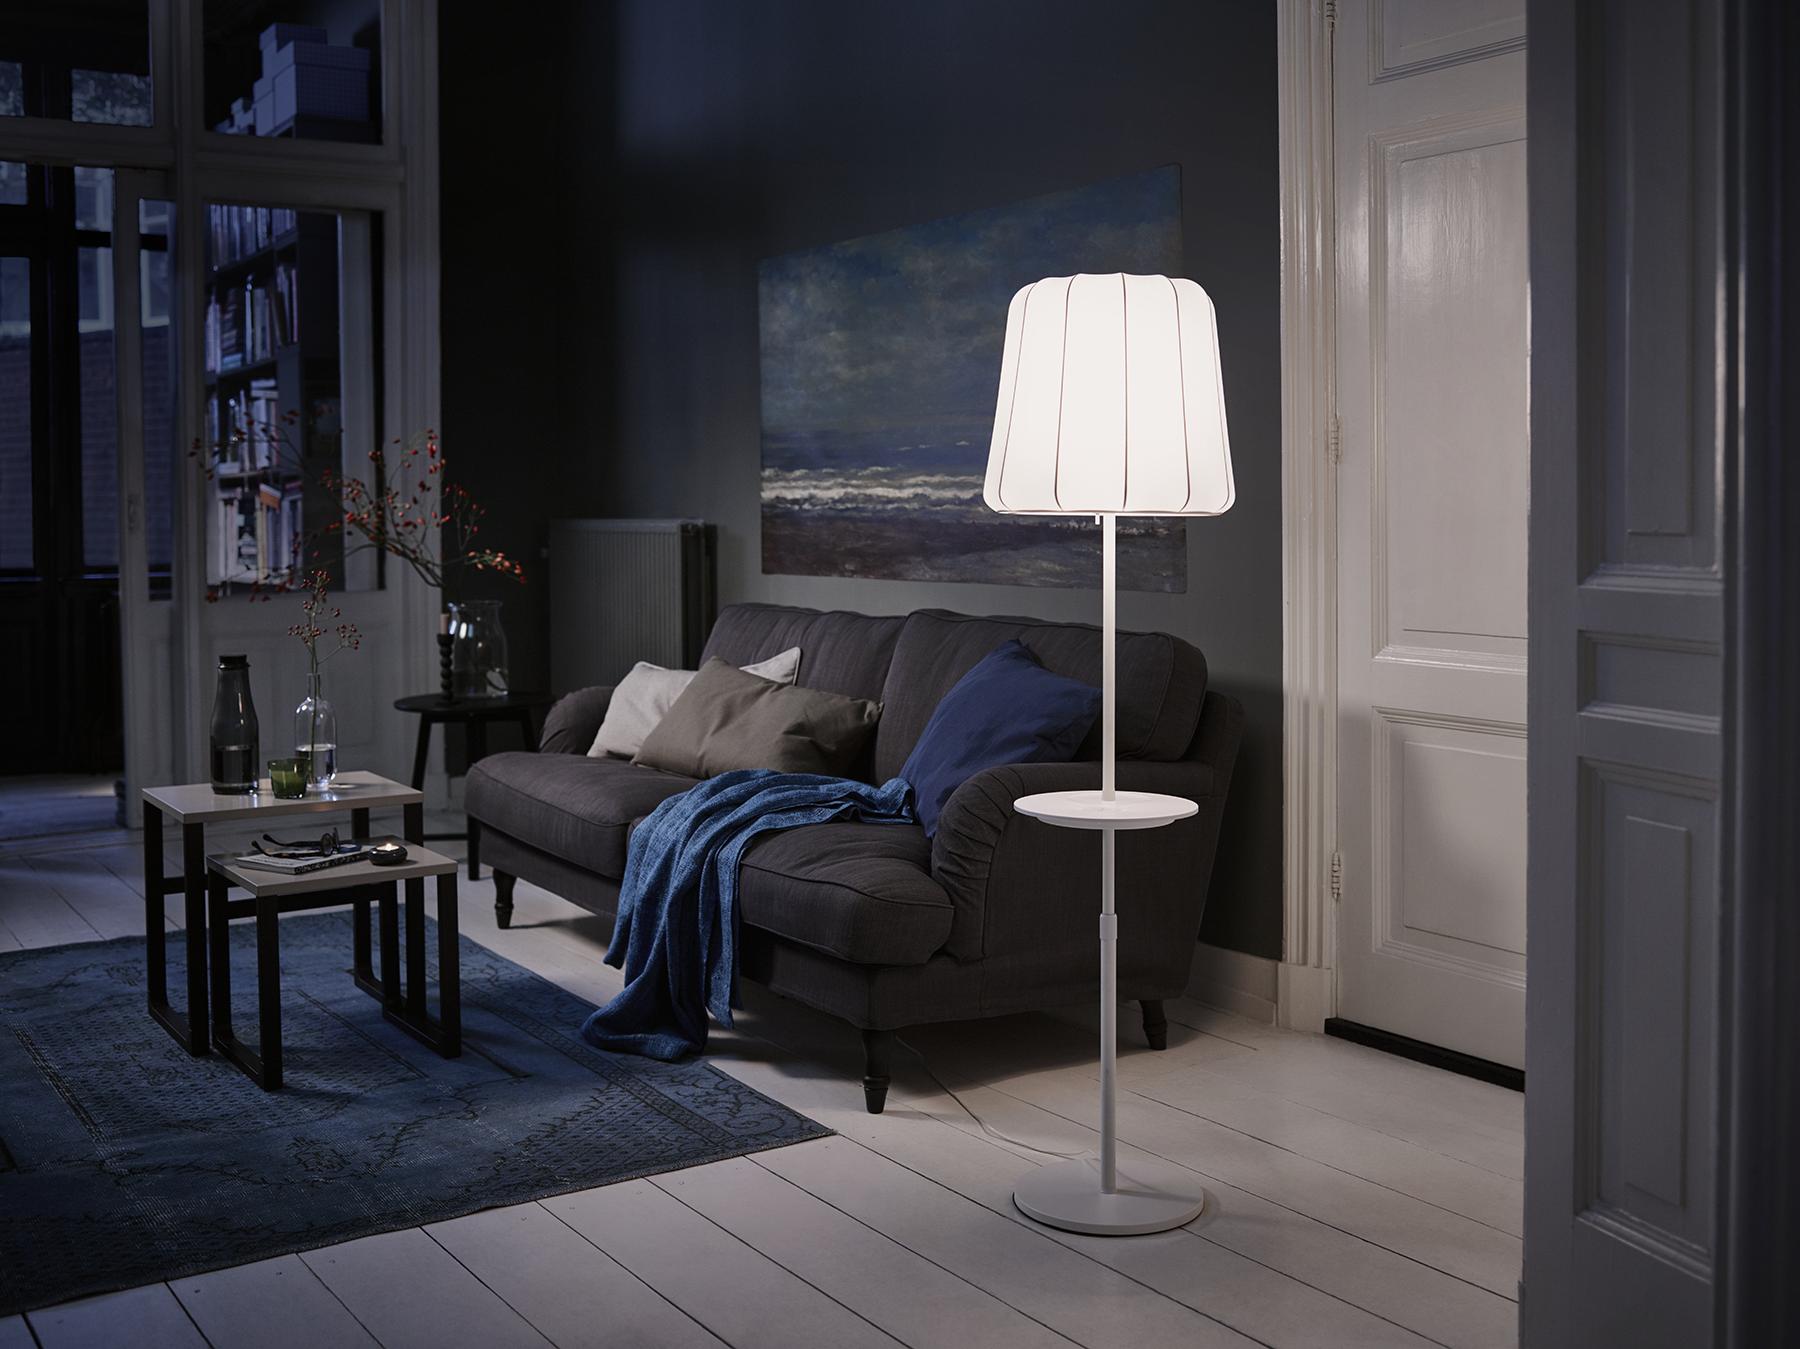 Ikea Lampen Staand : Varv staande lamp ikea ikeanl lamp verlichting led